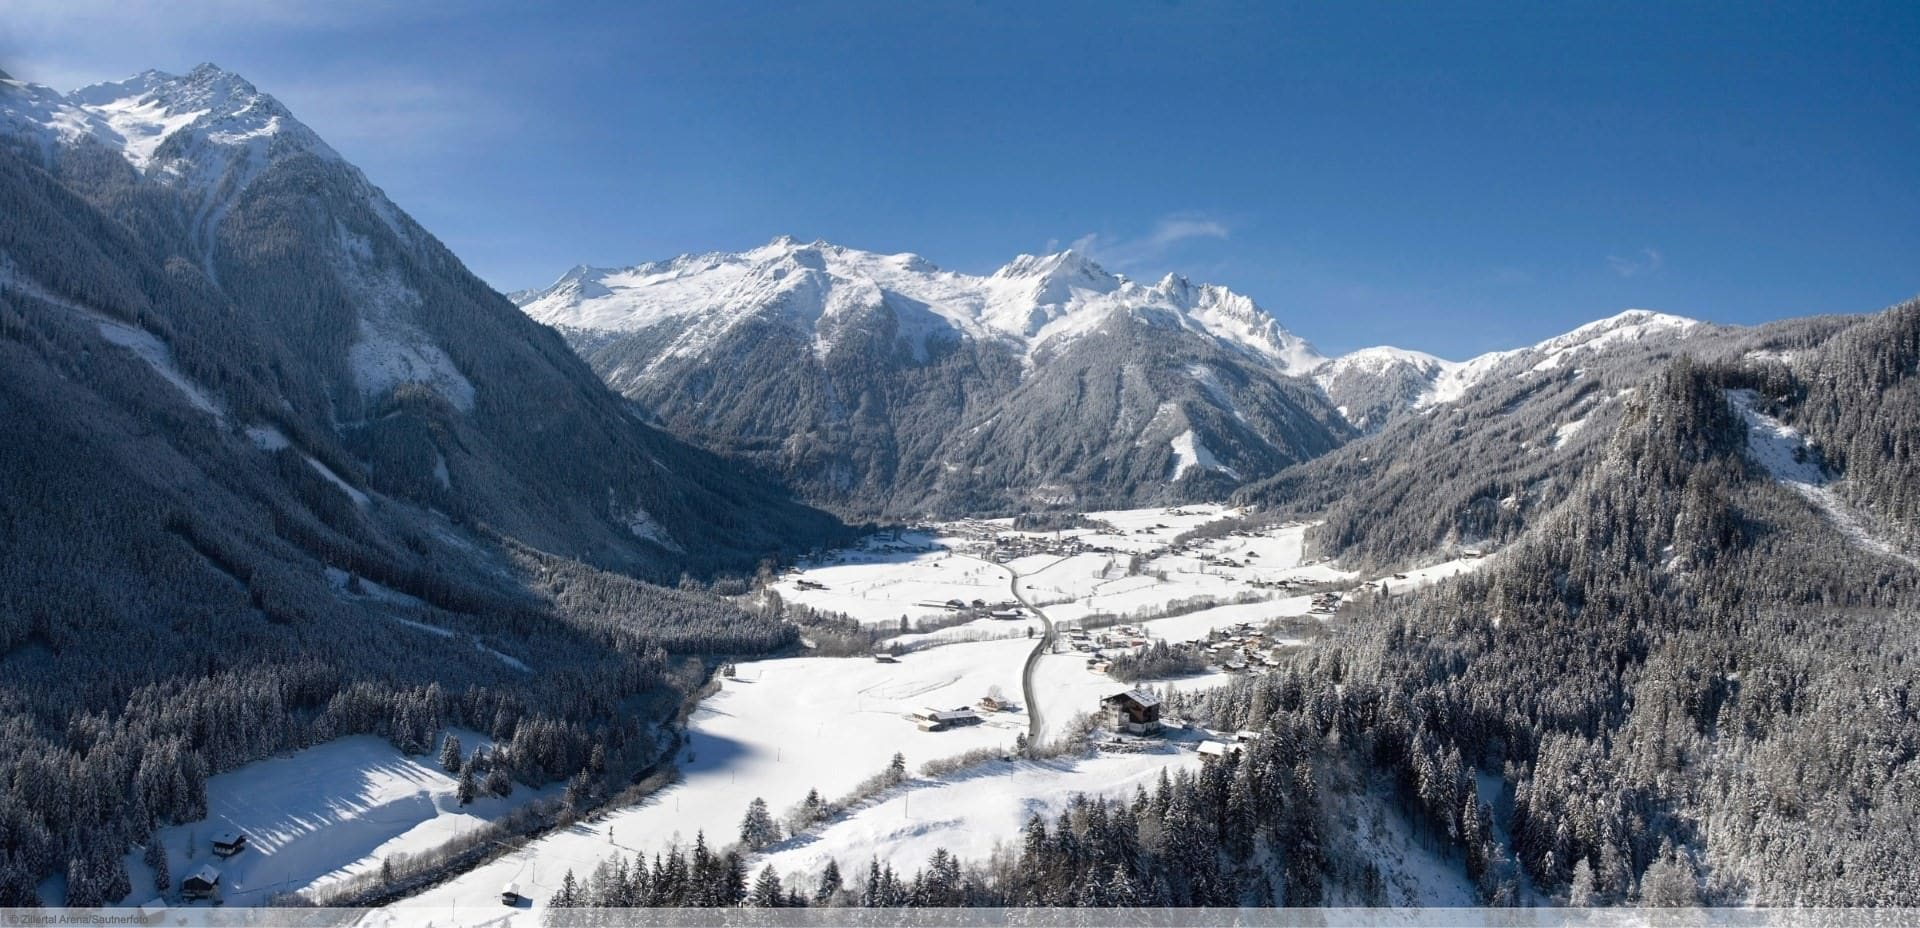 wintersport en aanbiedingen in Krimml